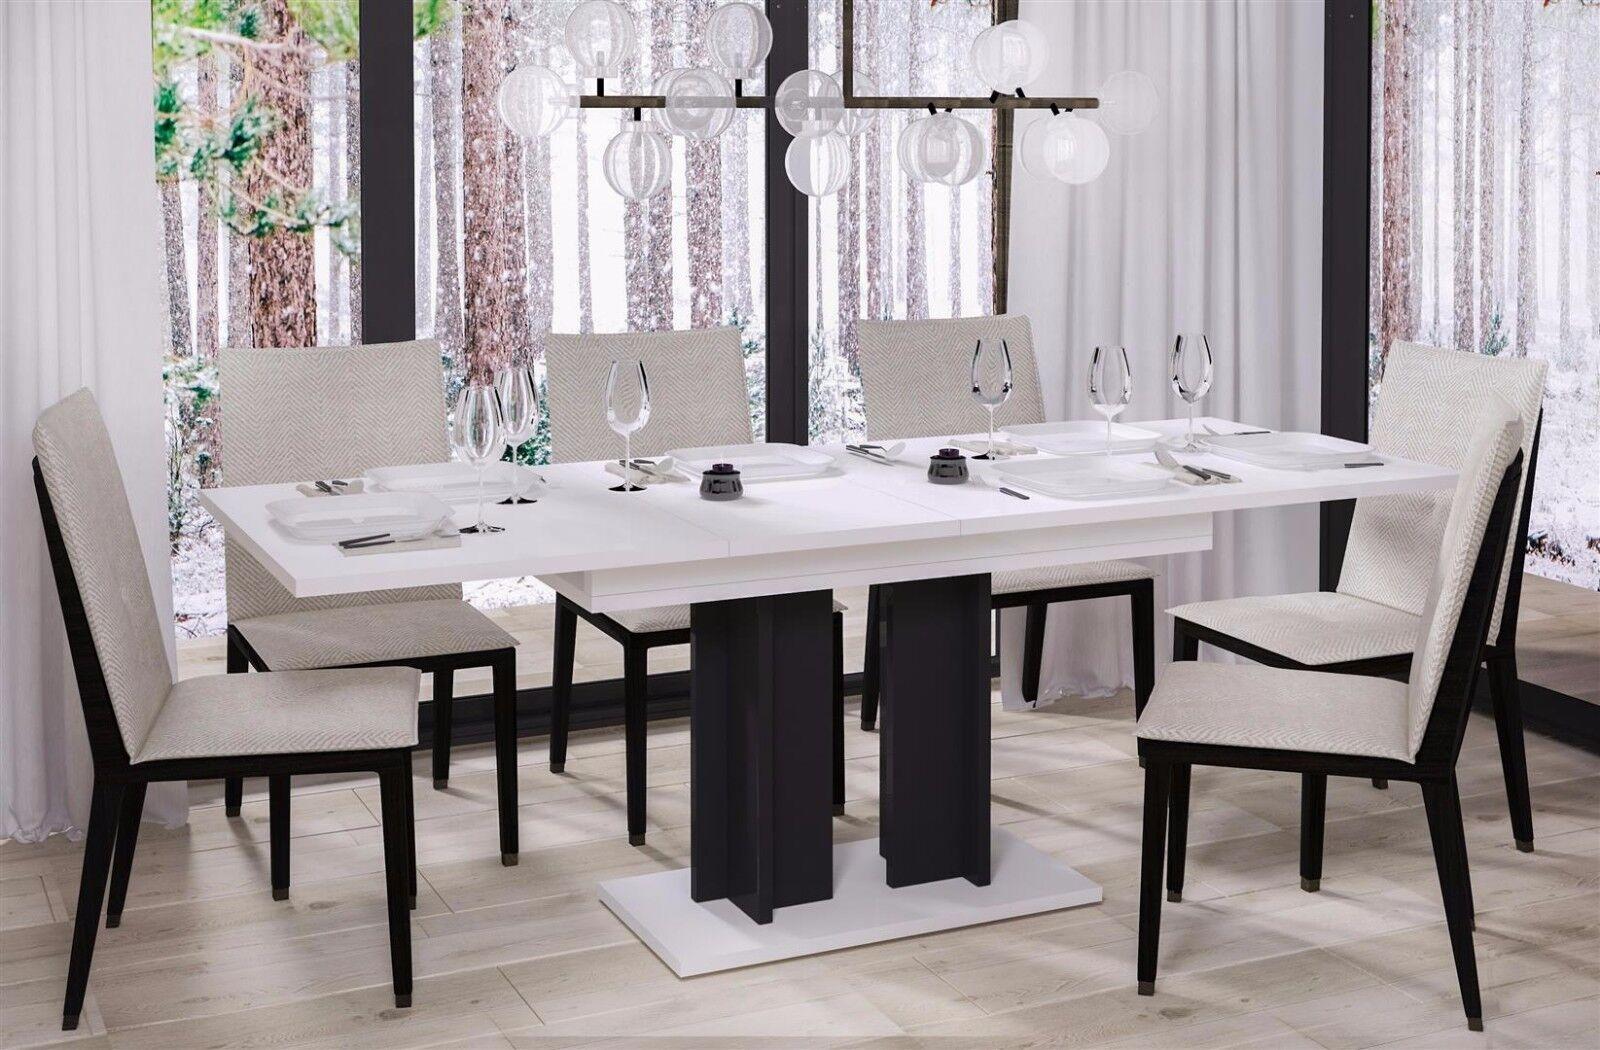 Design Säulentisch 130 210 Ausziehbar Hochglanz Weiß Schwarz Esstisch Zweifarbig